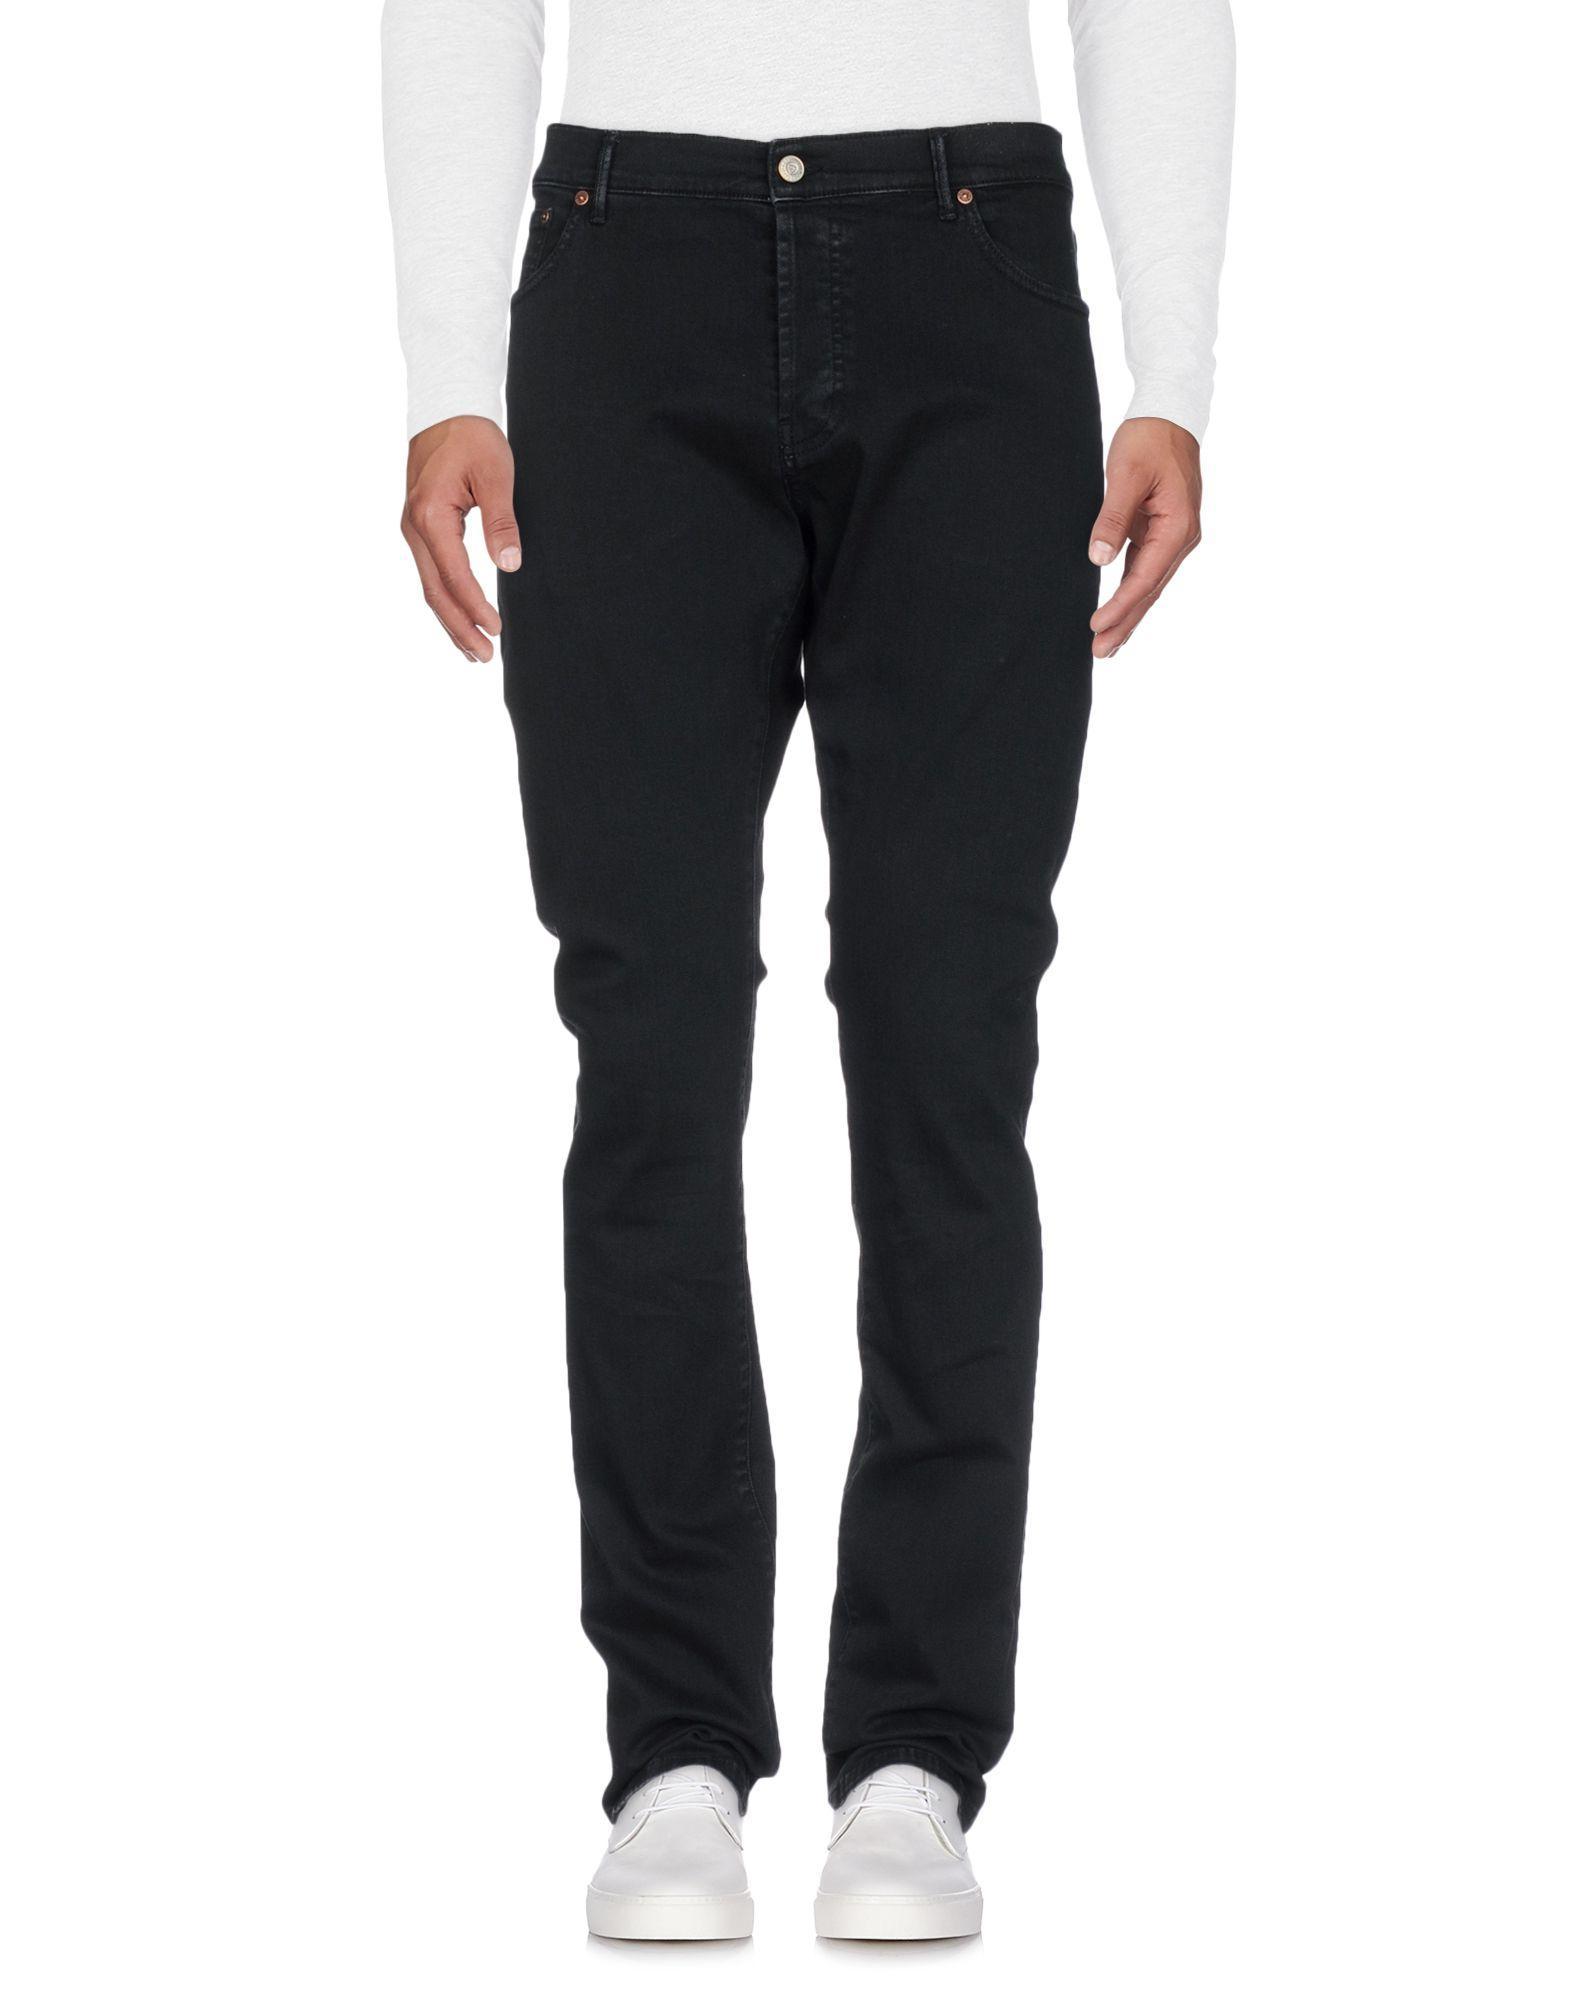 Htc Denim Pants In Black